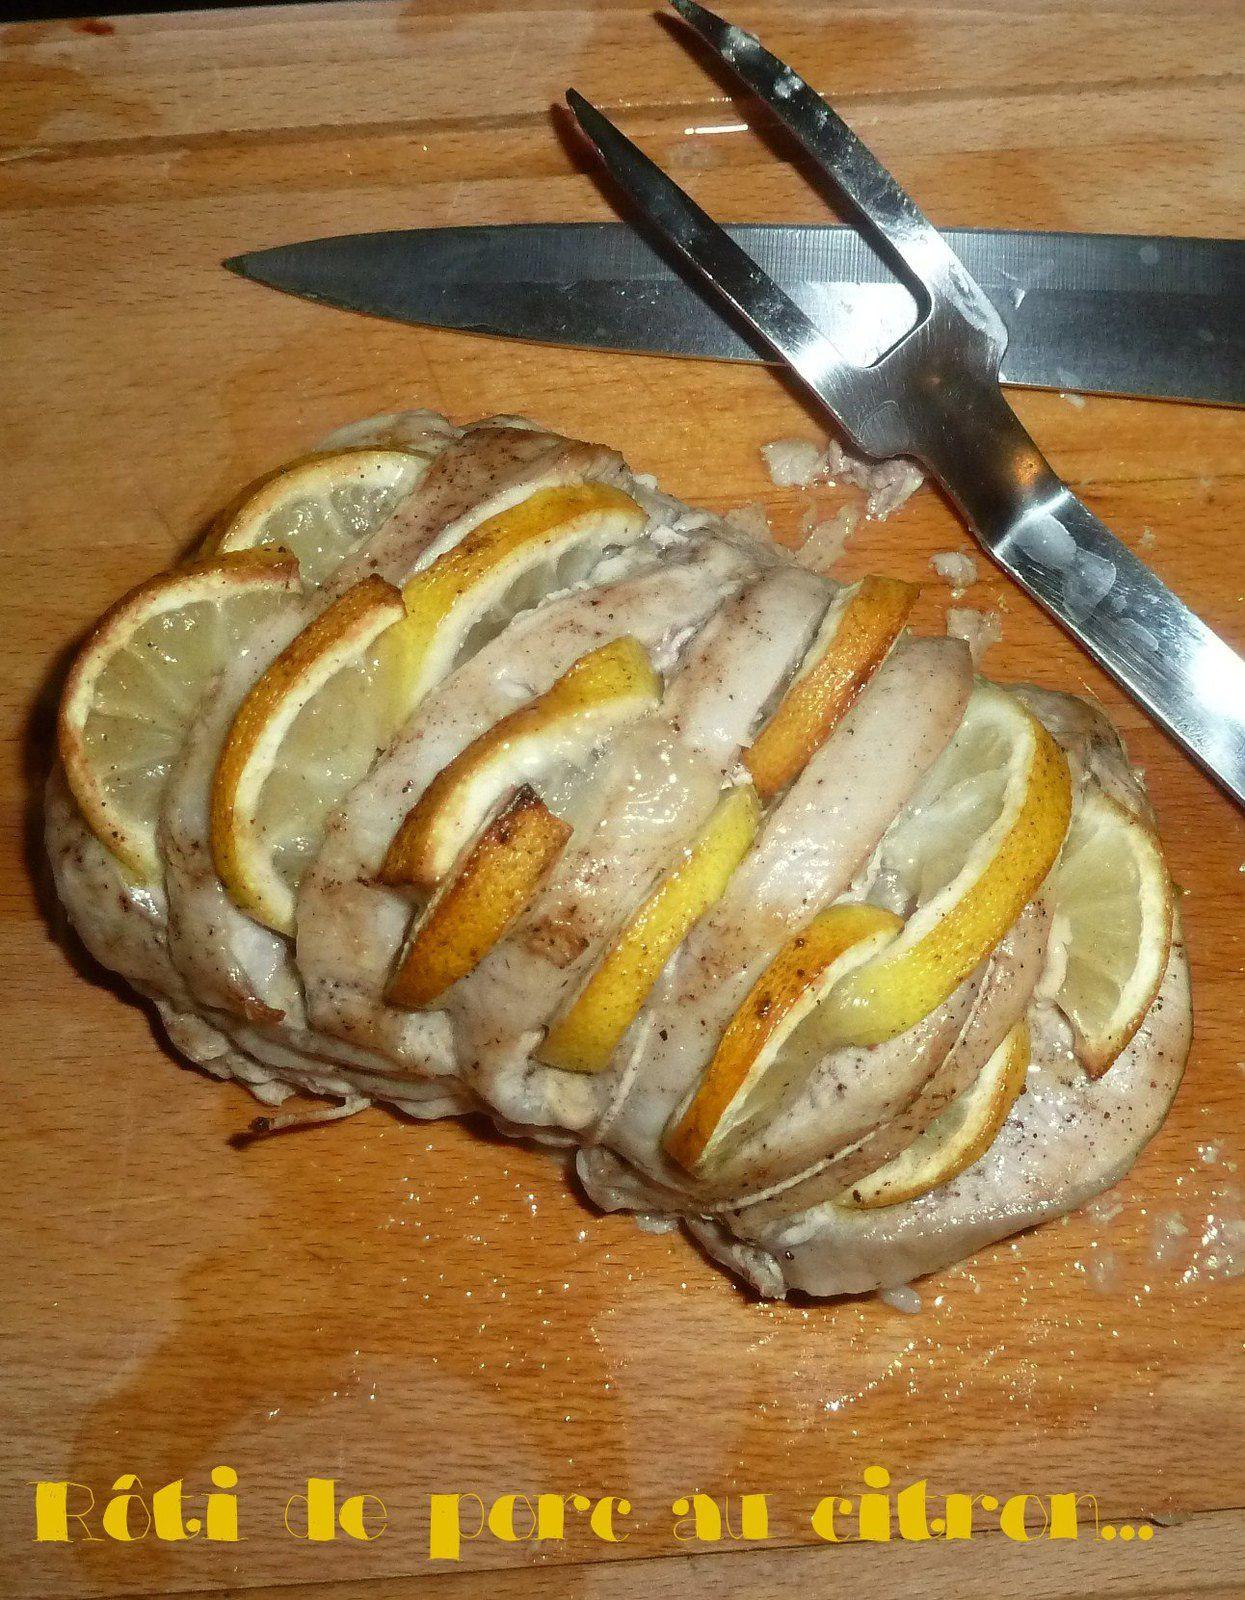 Rôti de porcs au citron et 4 epices